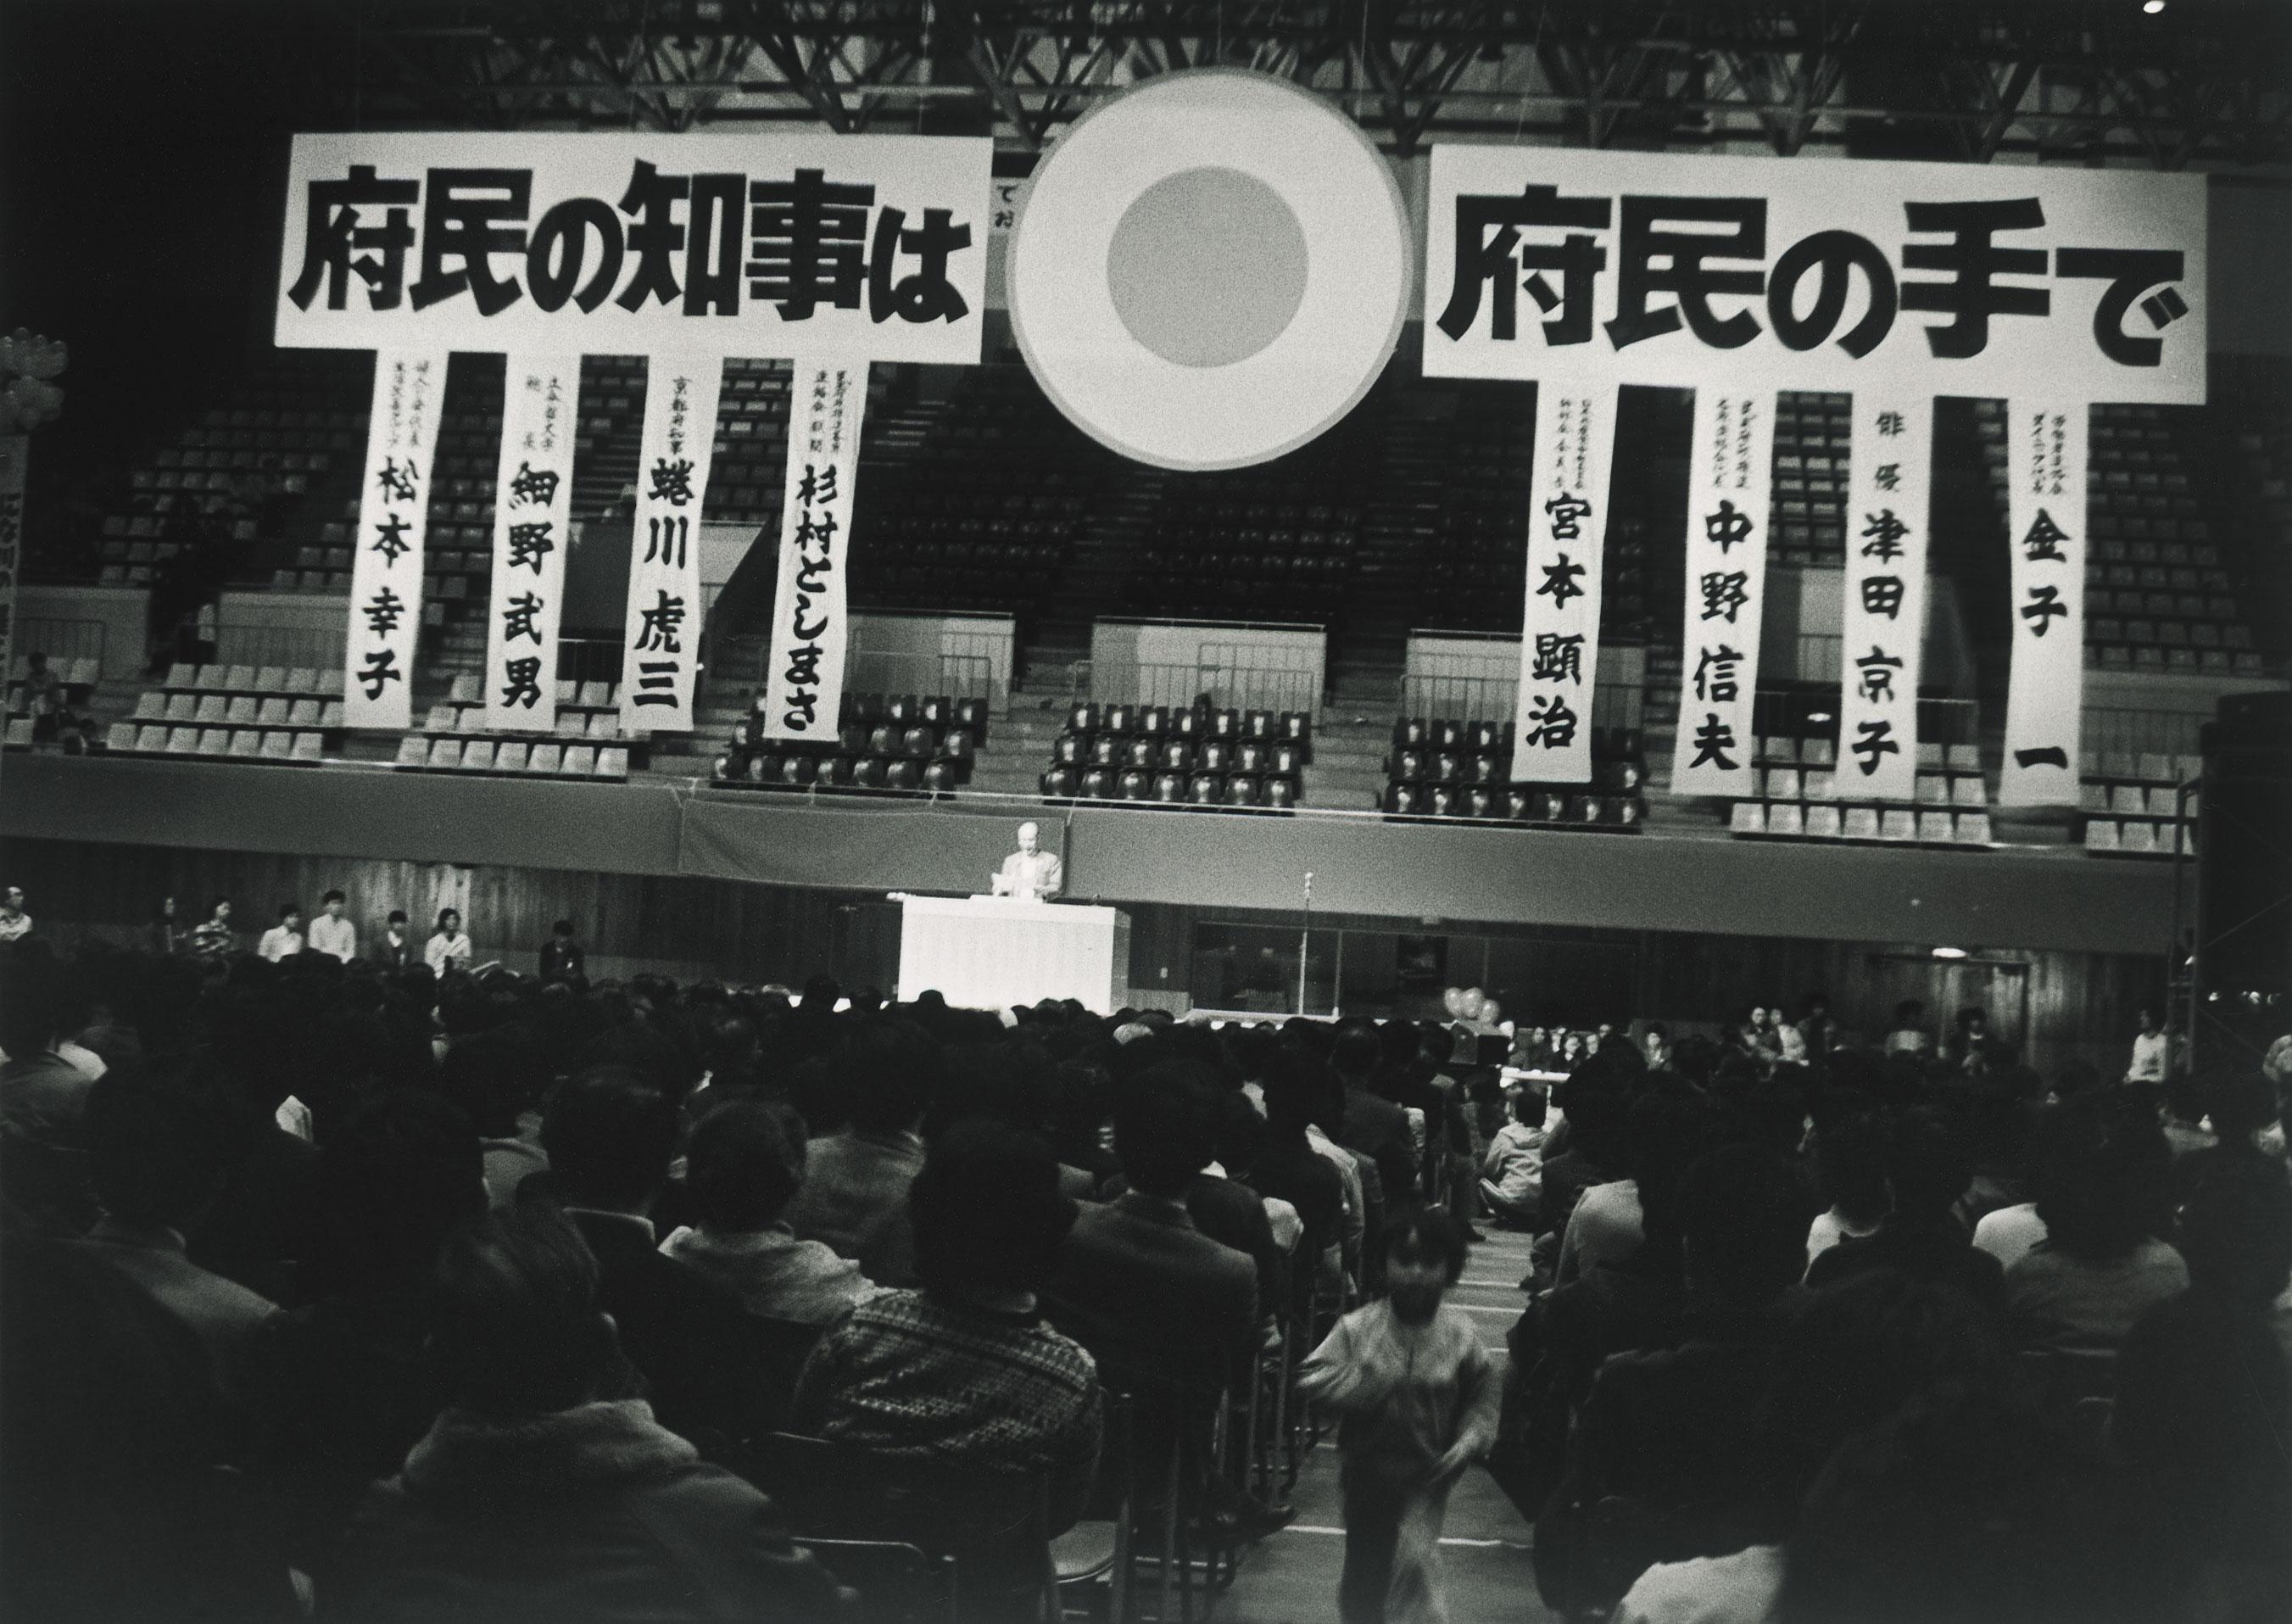 民主府政継続発展めざす京都府民大集会